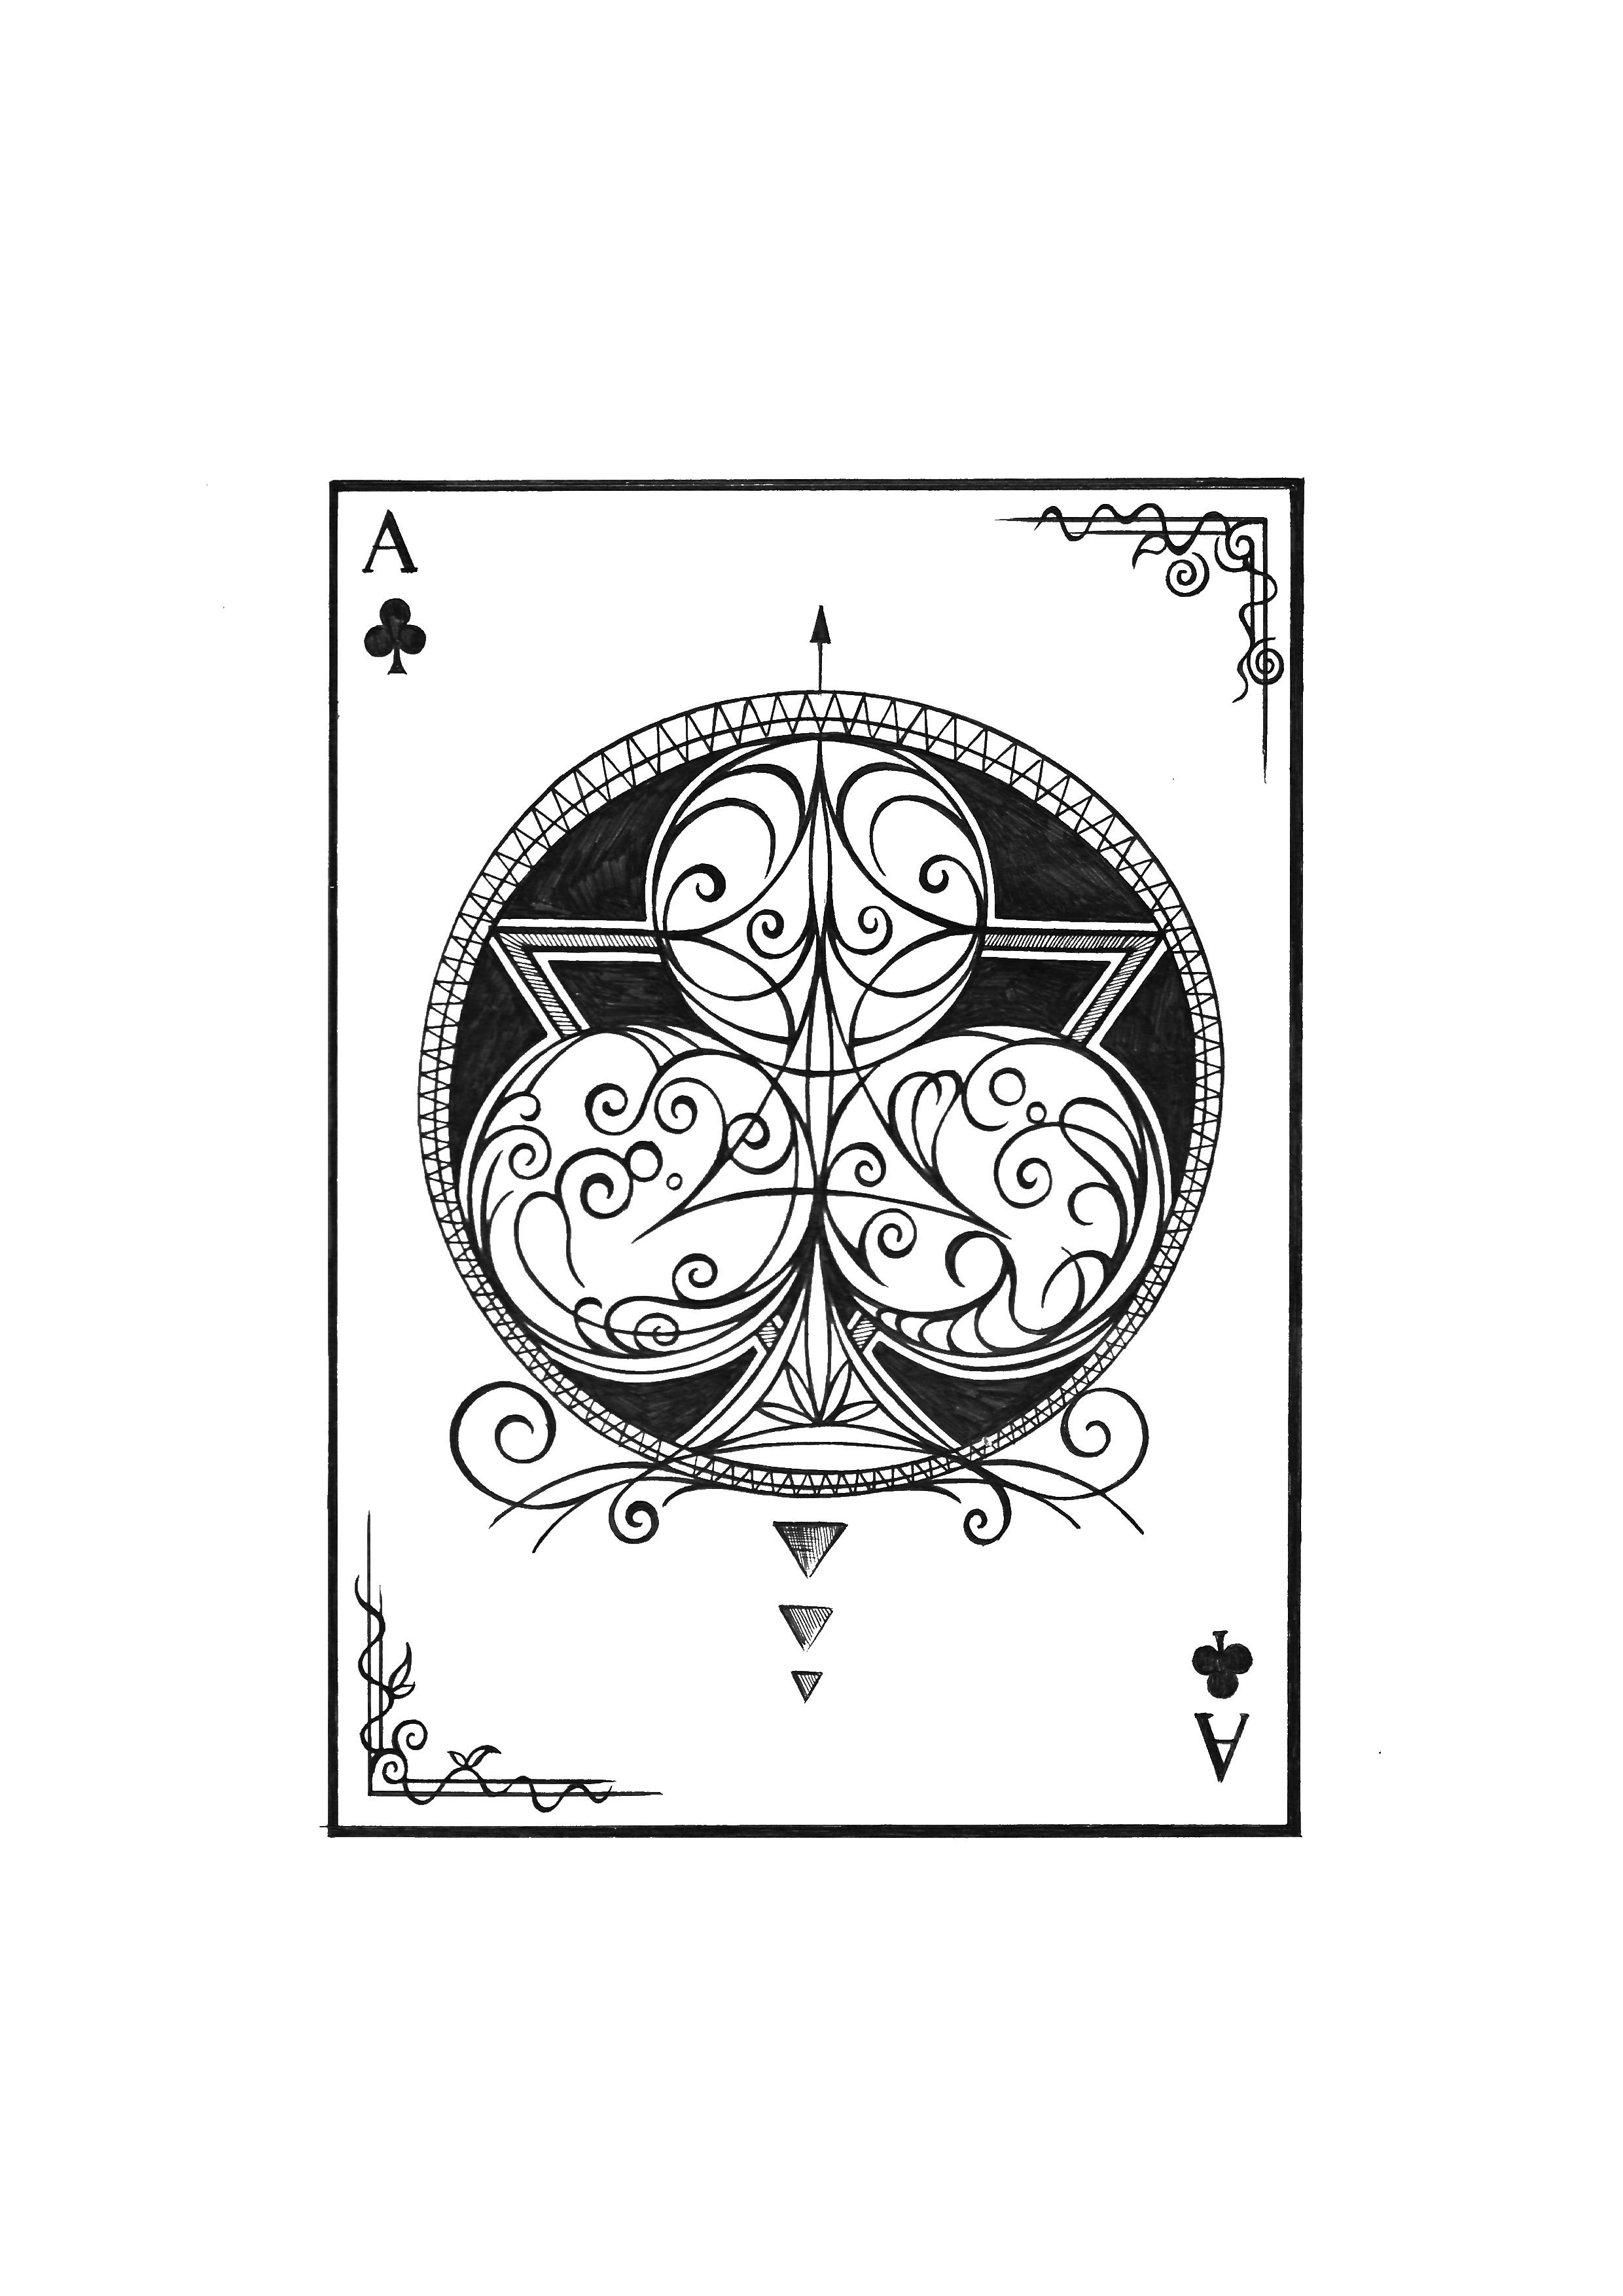 扑克牌,手绘,黑白,装饰画,线条,哥特风,纹身手稿,刺青图案,图形设计